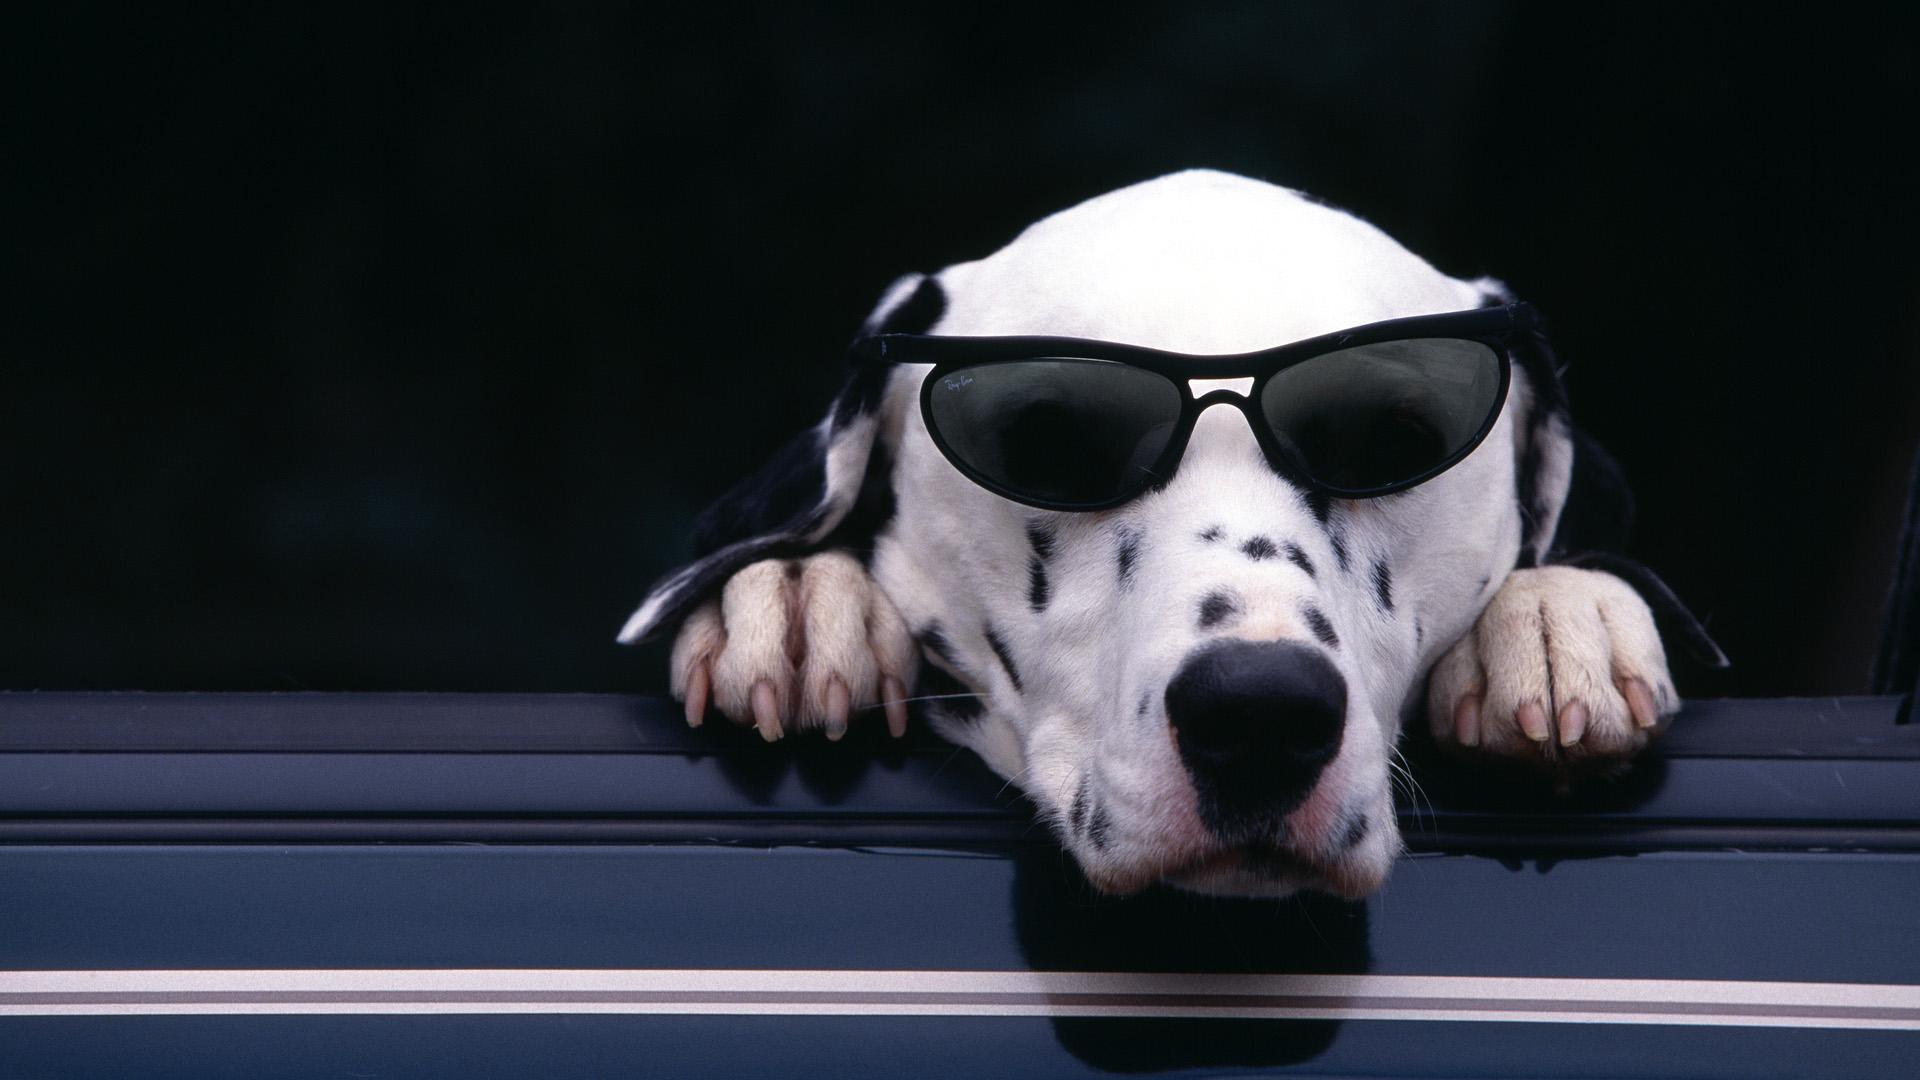 Perro con lentes - 1920x1080